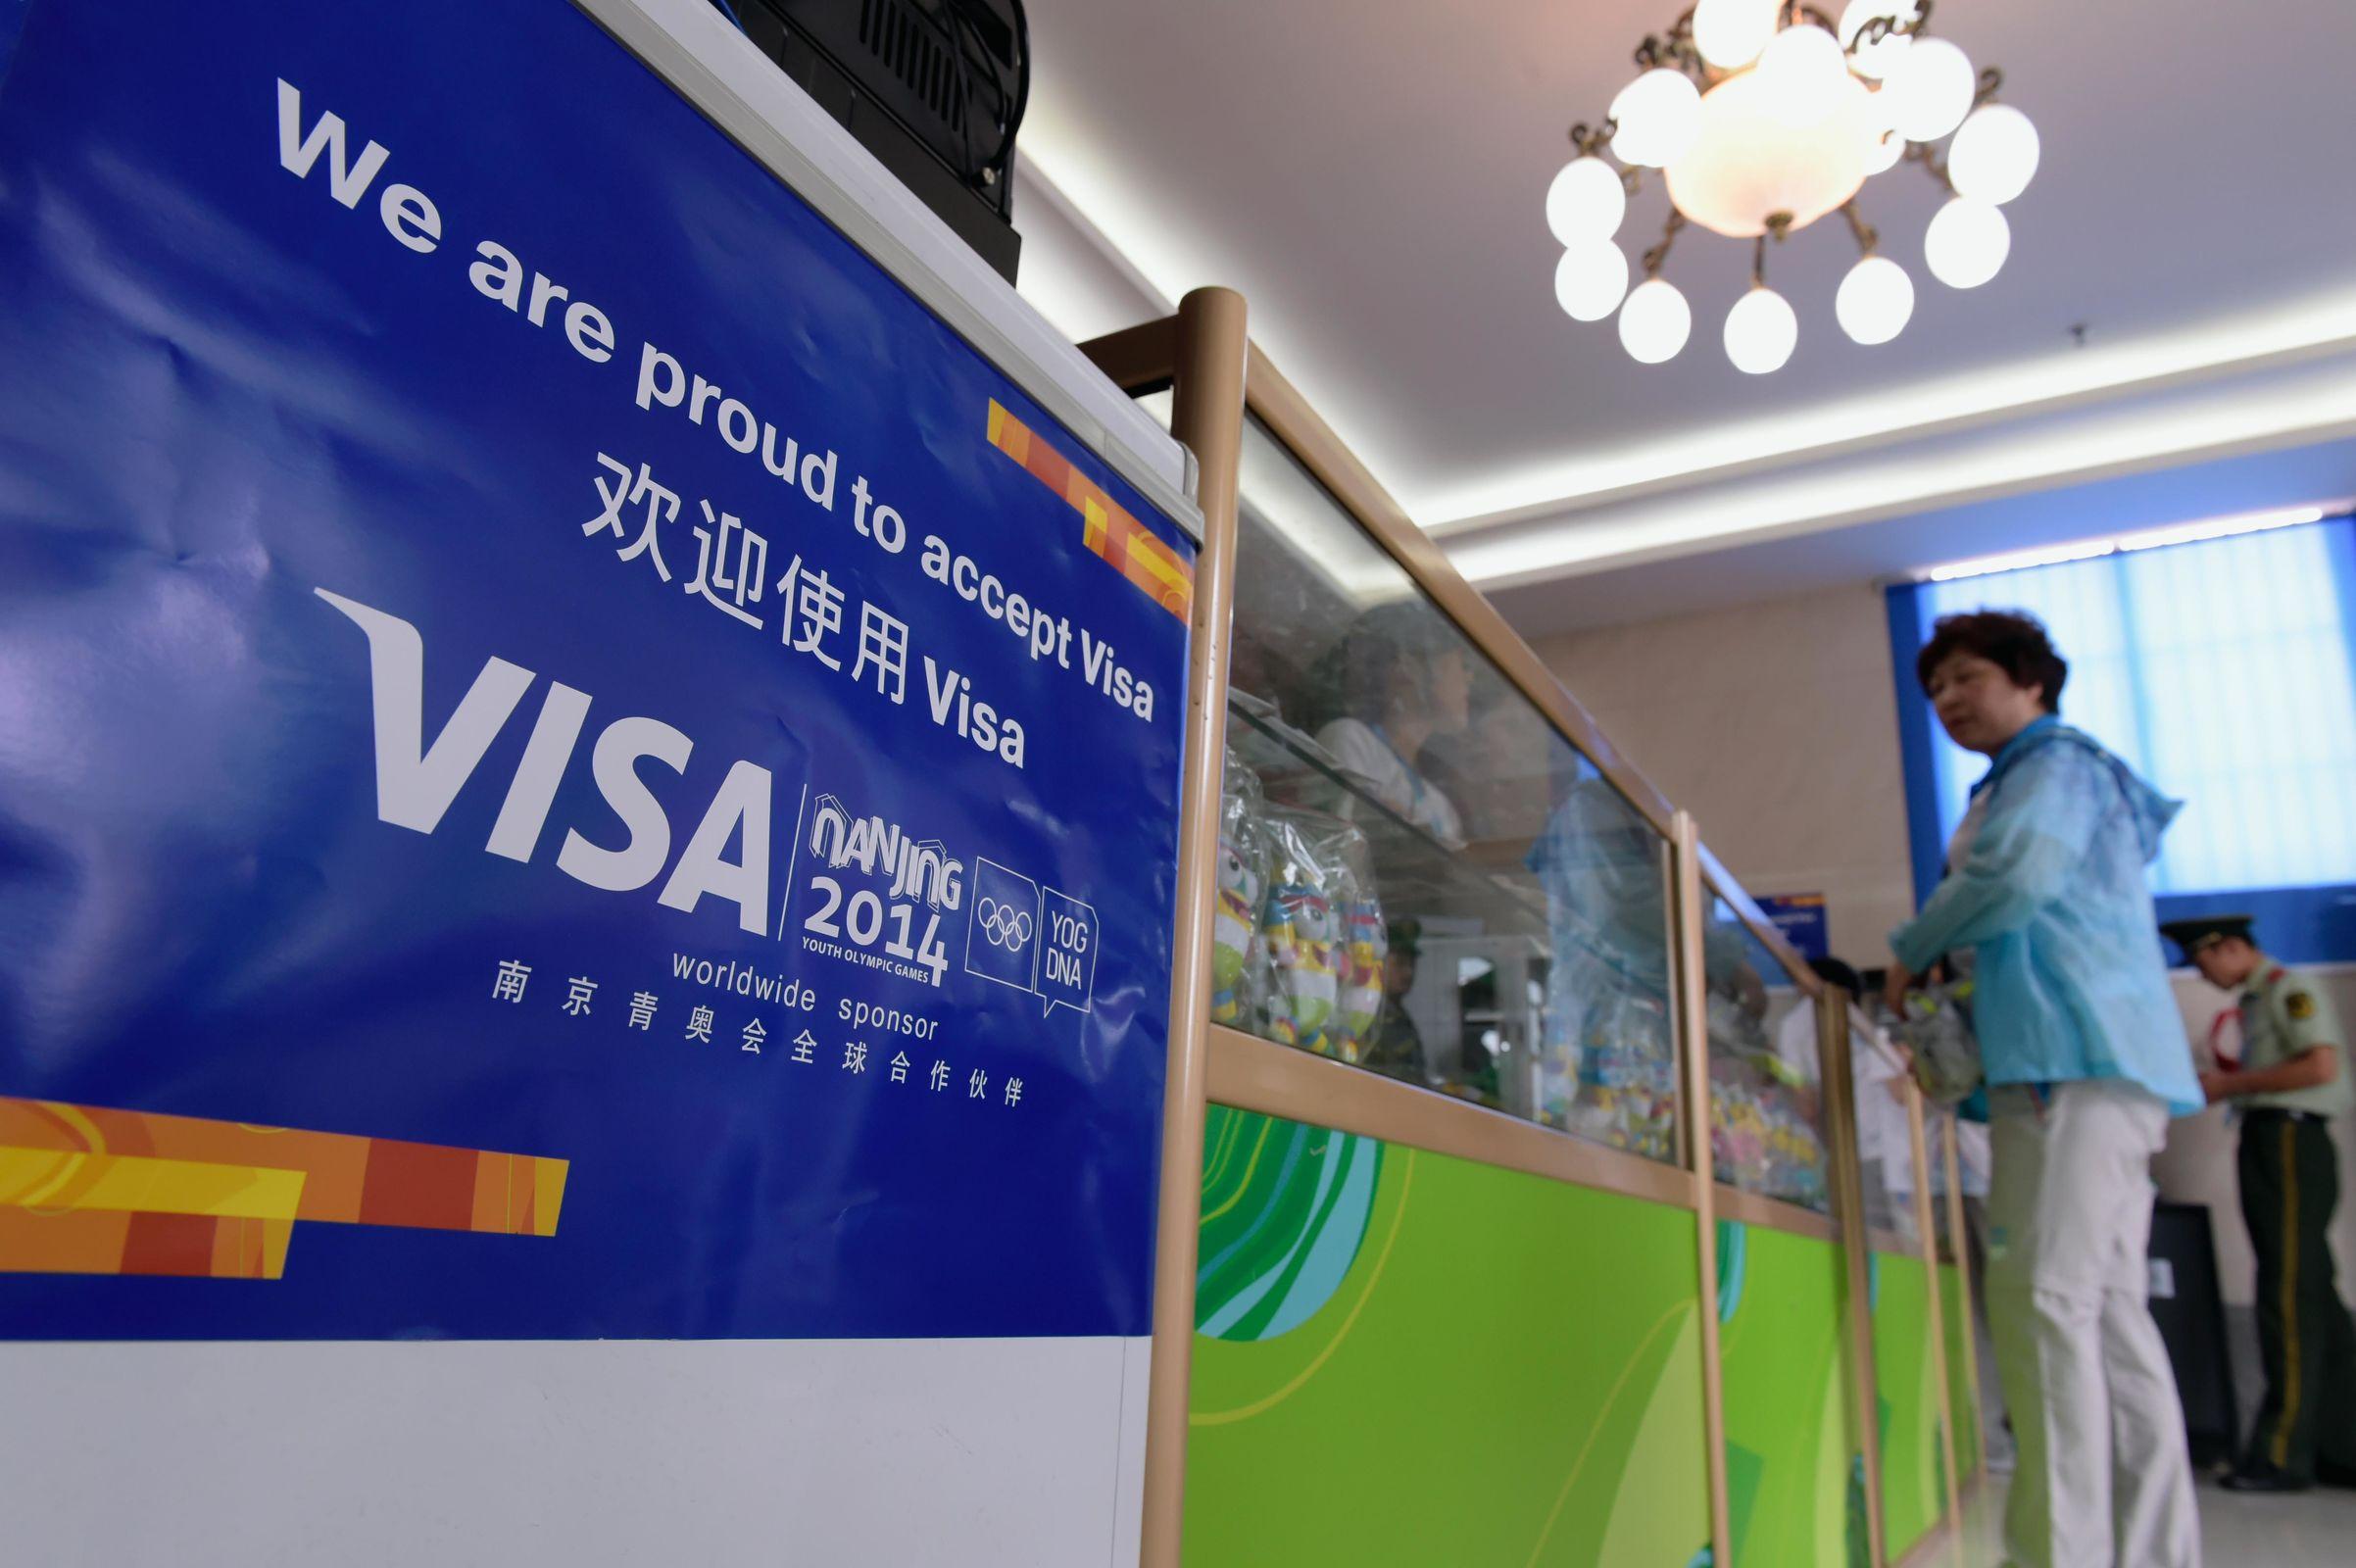 Sponsors Visa